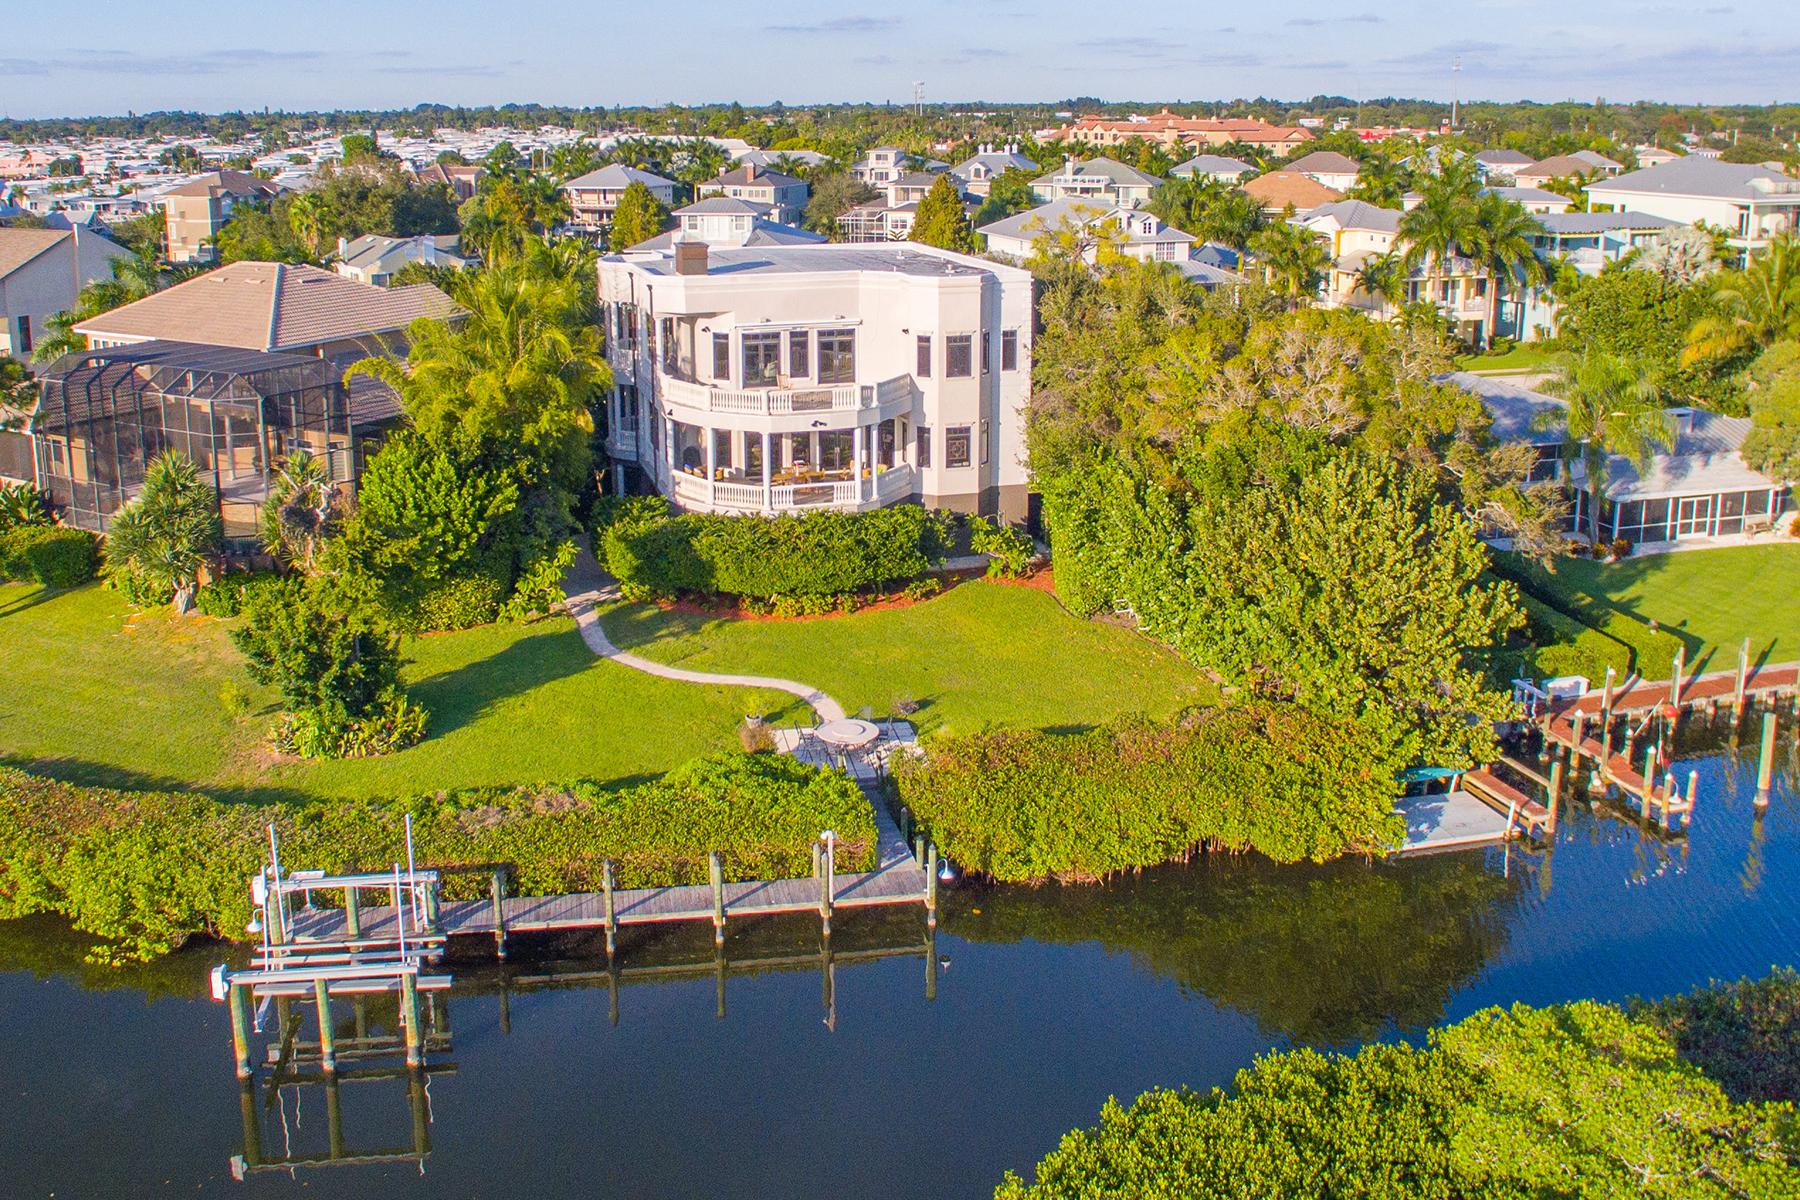 独户住宅 为 销售 在 HAWKS HARBOR 7052 Hawks Harbor Cir 布雷登顿, 佛罗里达州, 34207 美国